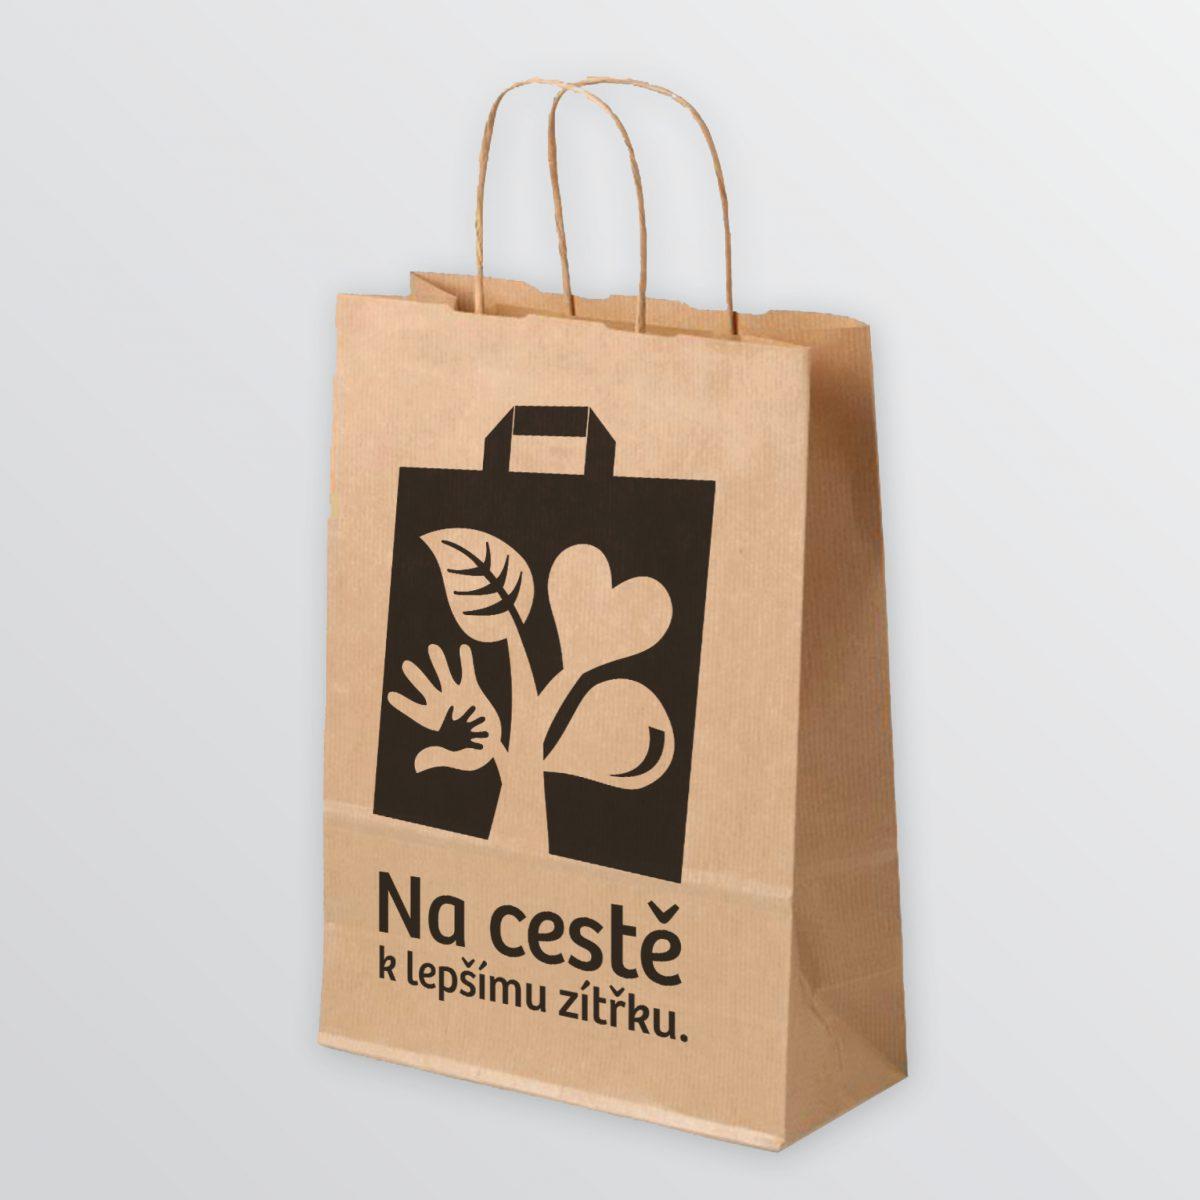 Papírová taška Lidlu